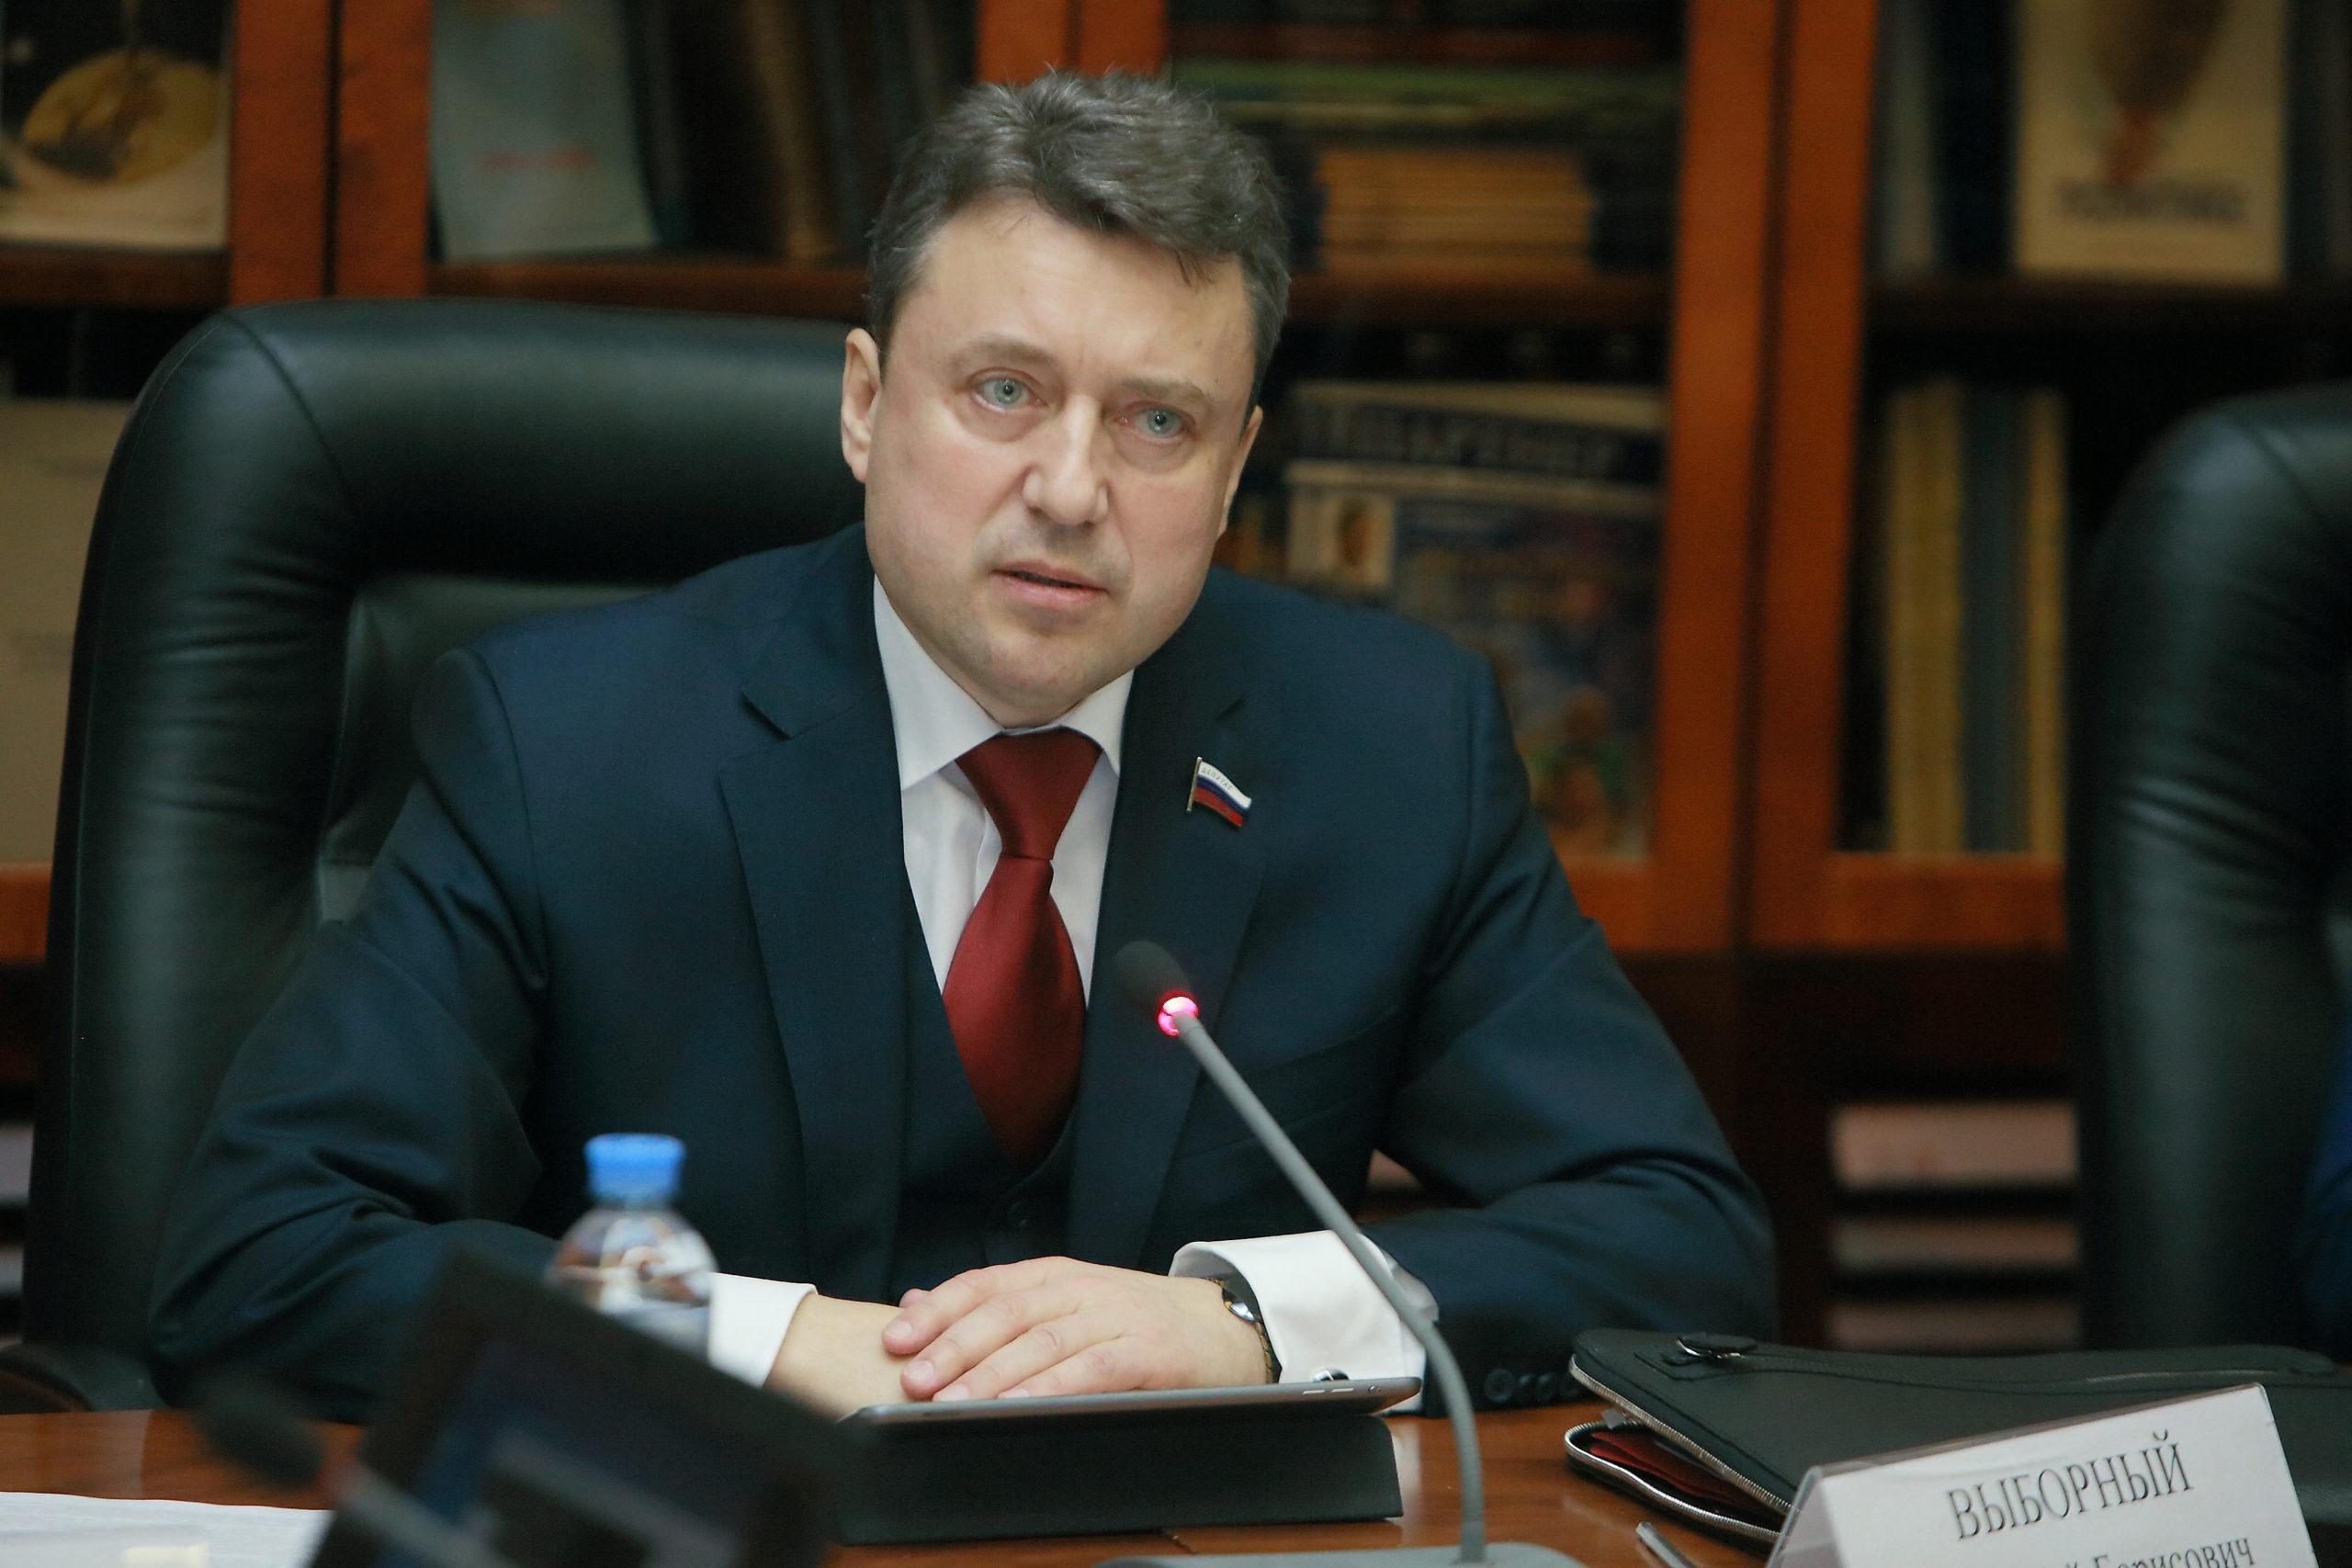 Депутат Госдумы считает, что частную охрану следует включить в перечень наиболее пострадавших отраслей экономики